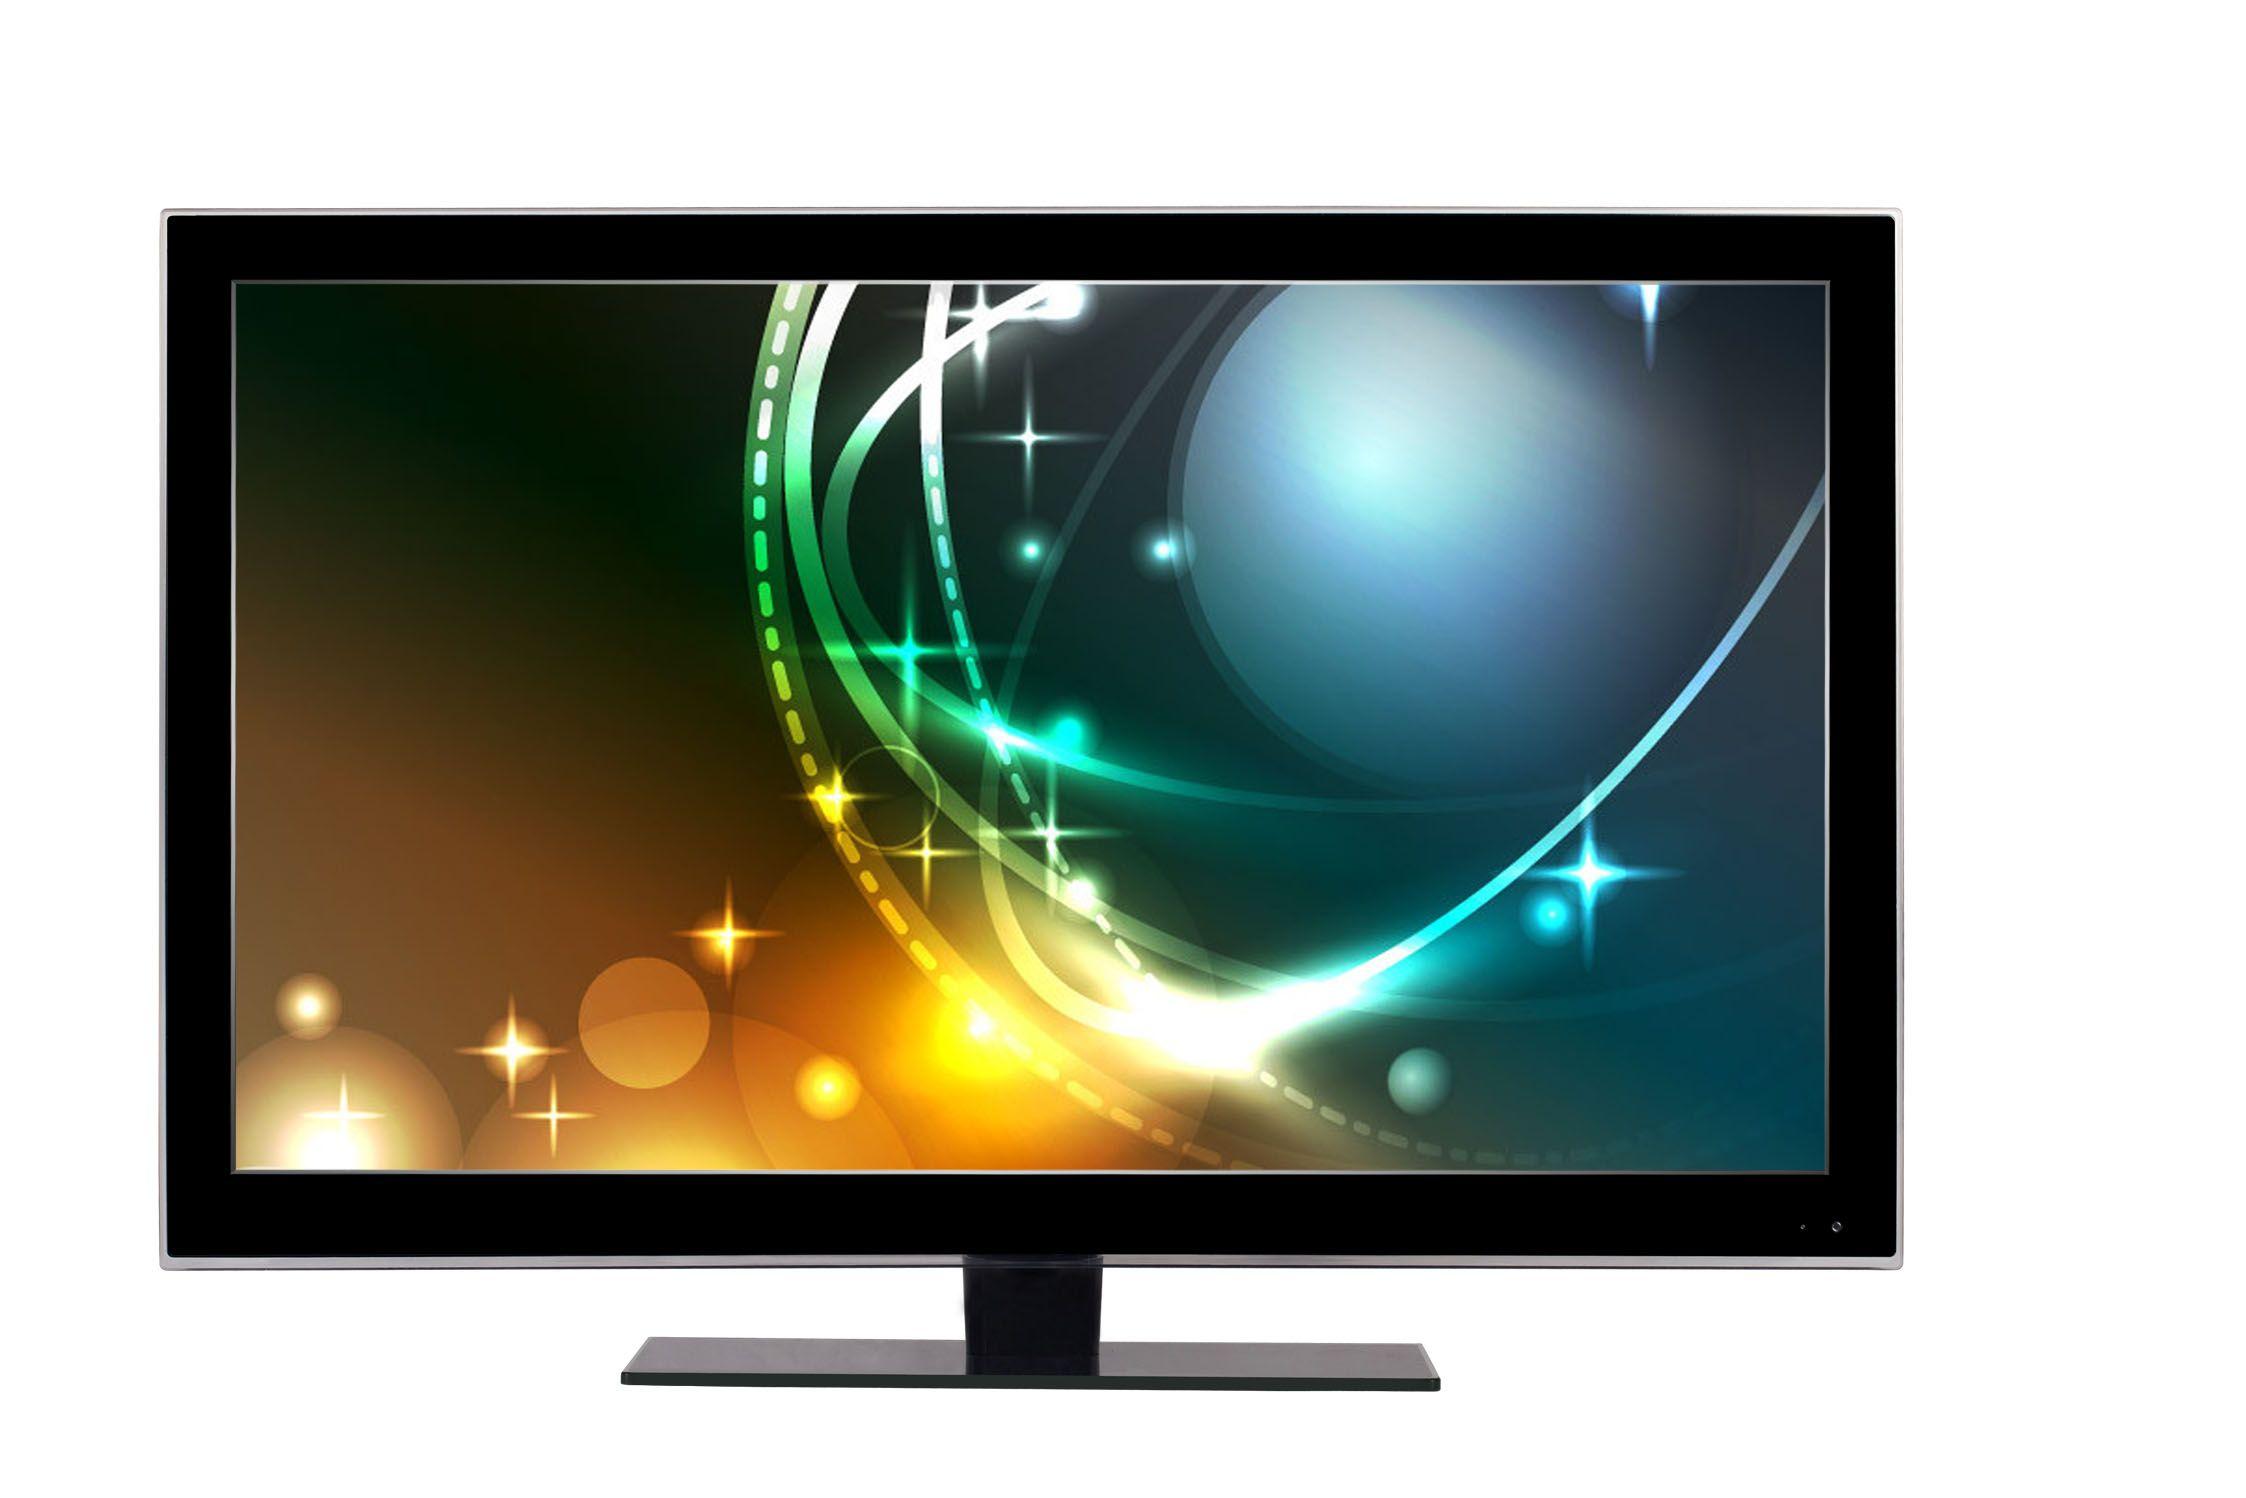 2019液晶电视排行榜_Skyworth 47E80RA液晶电视 参数 评测 论坛 报价 新浪家电